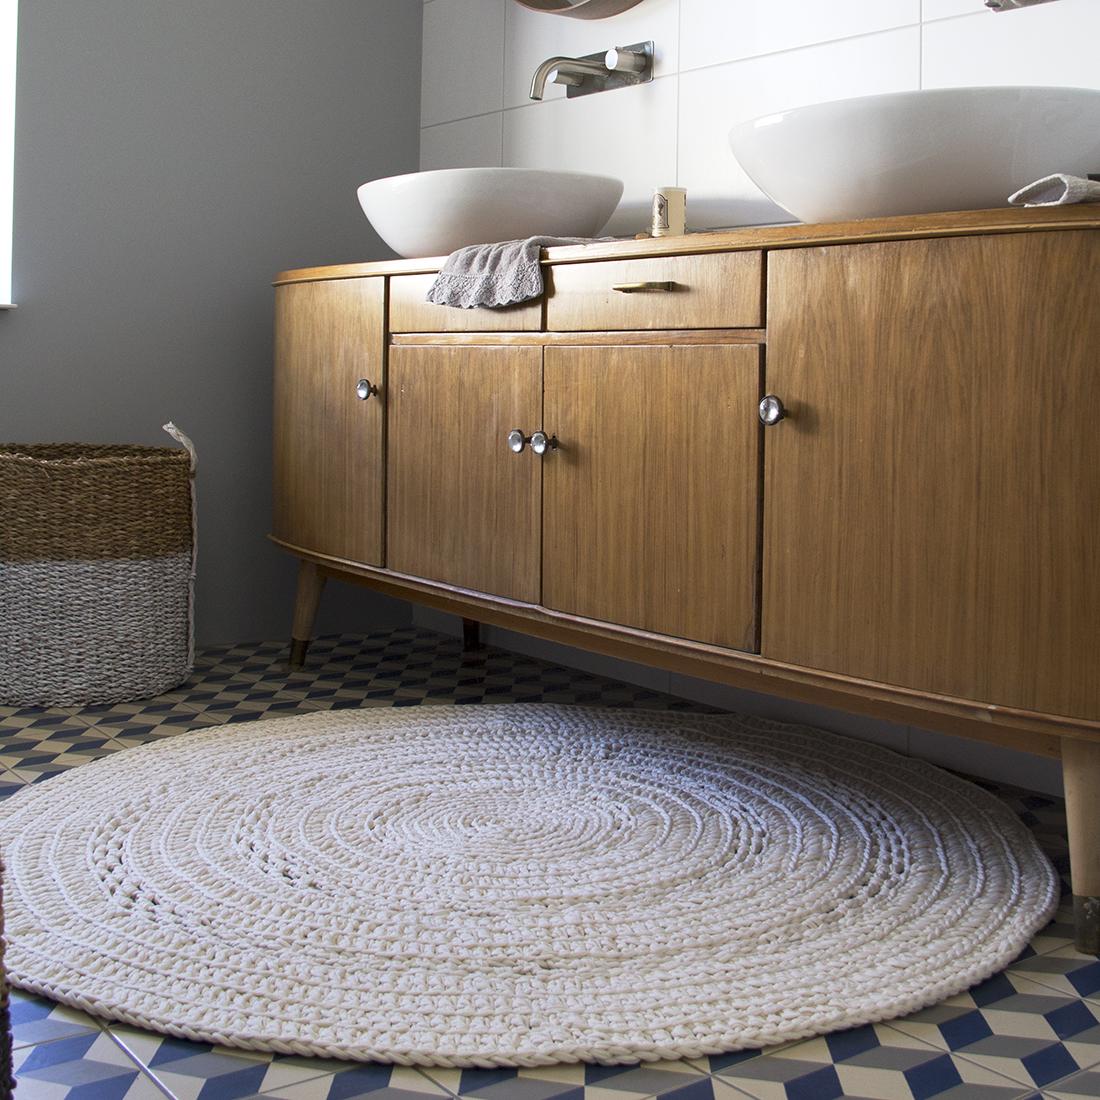 http://thomas.gaspersz.nl/wp-content/uploads/2017/10/Badkamer-Trends-2018-Escher-tegels-met-badkamer-vloerkleed-en-houten-meubel.jpg